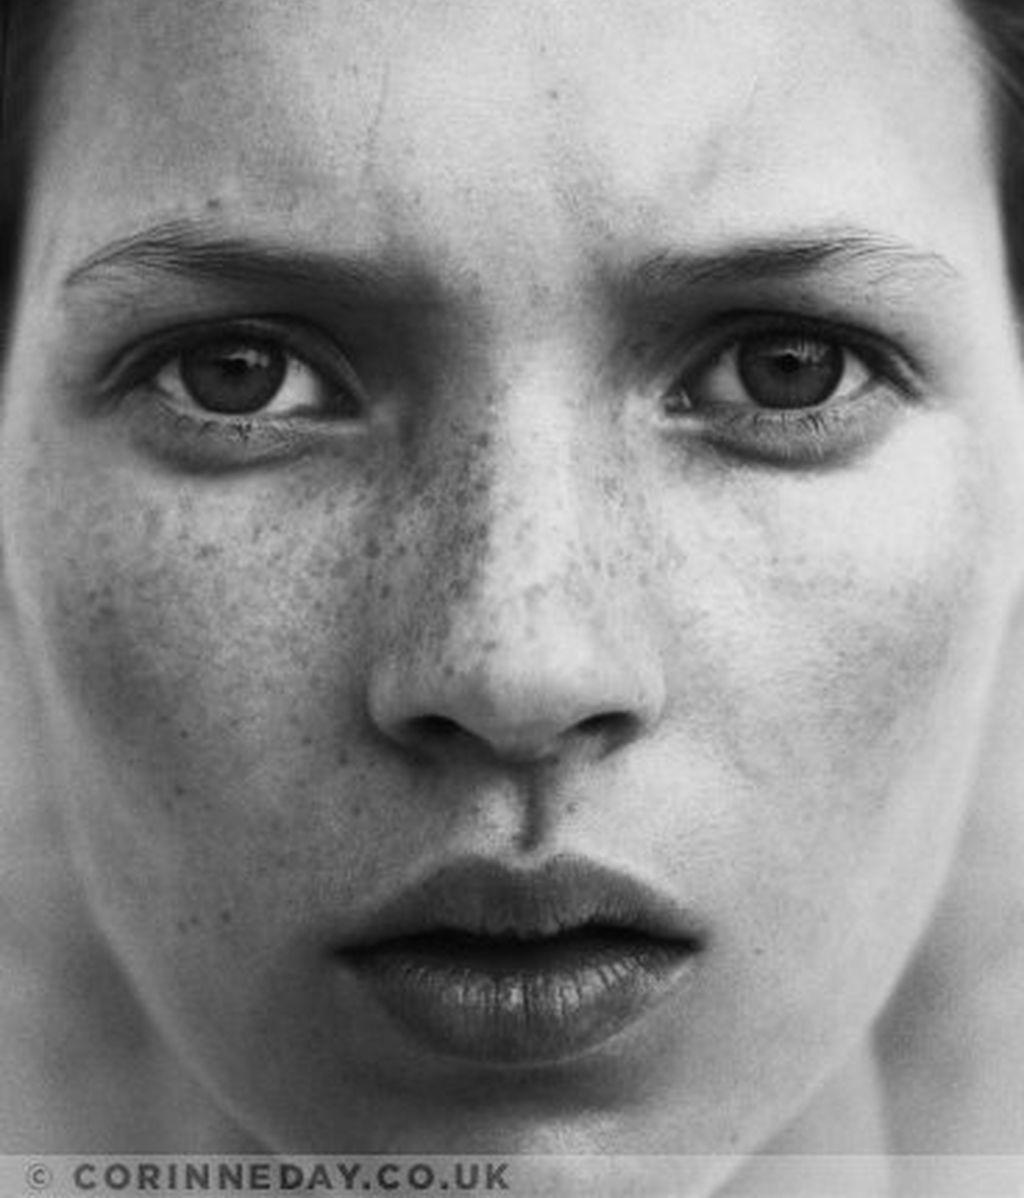 Los inéditos de Kate Moss podrían salvarle la vida a su descubridora